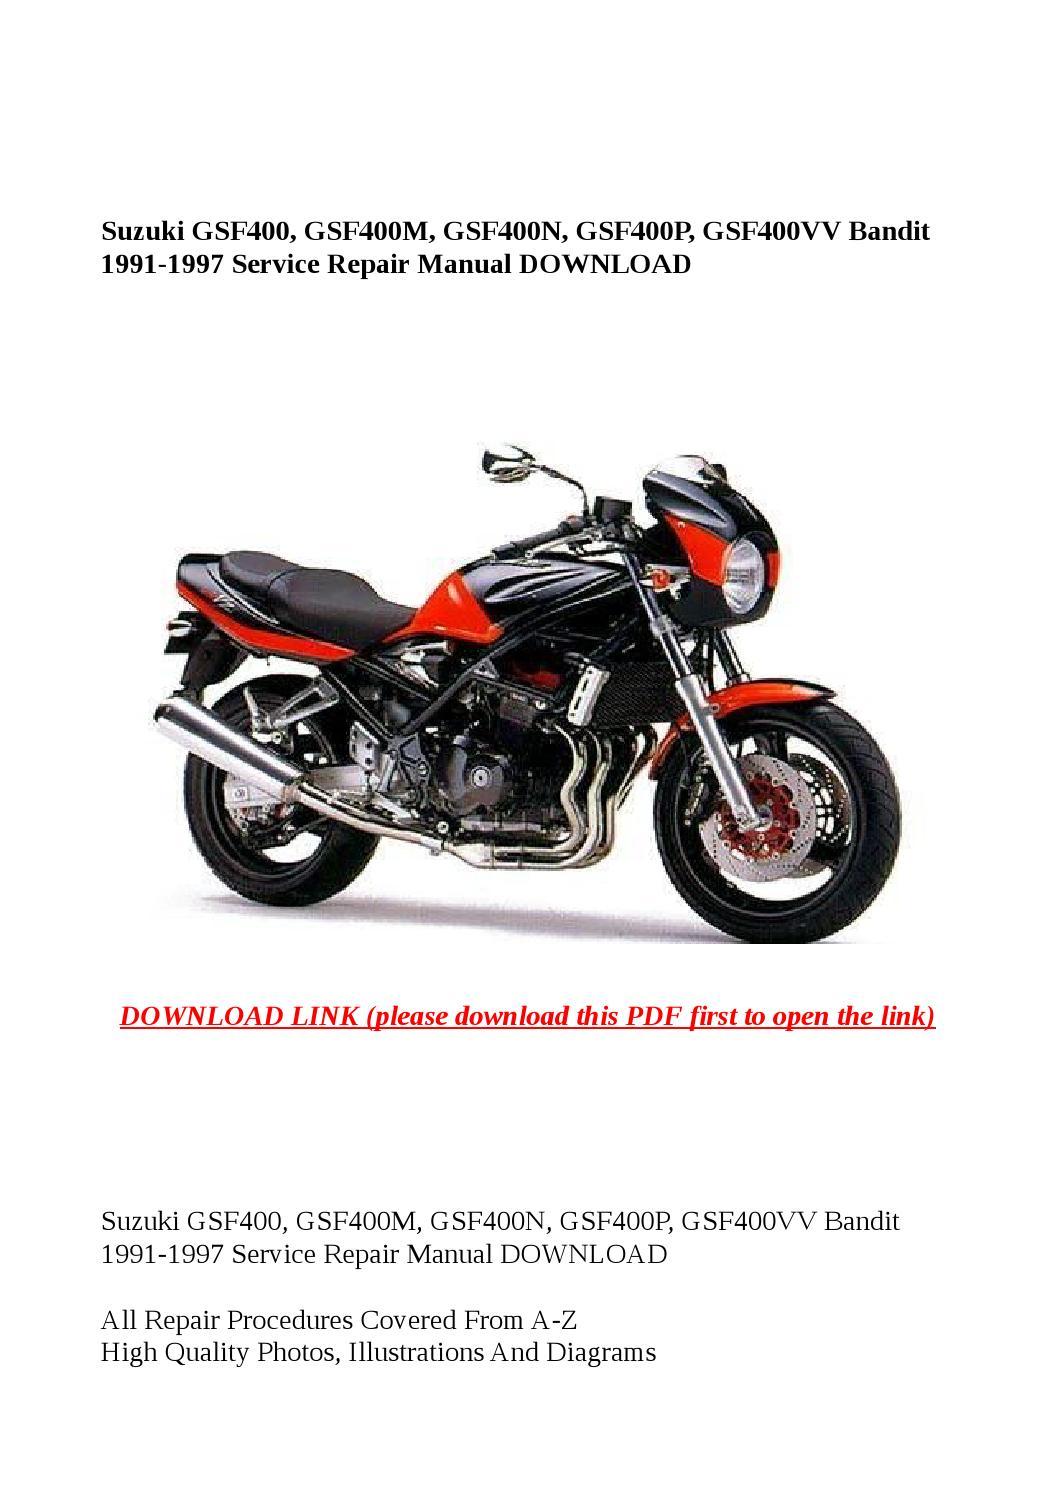 Suzuki gsf400, gsf400m, gsf400n, gsf400p, gsf400vv bandit 1991 1997 service  repair manual download by steve - issuu